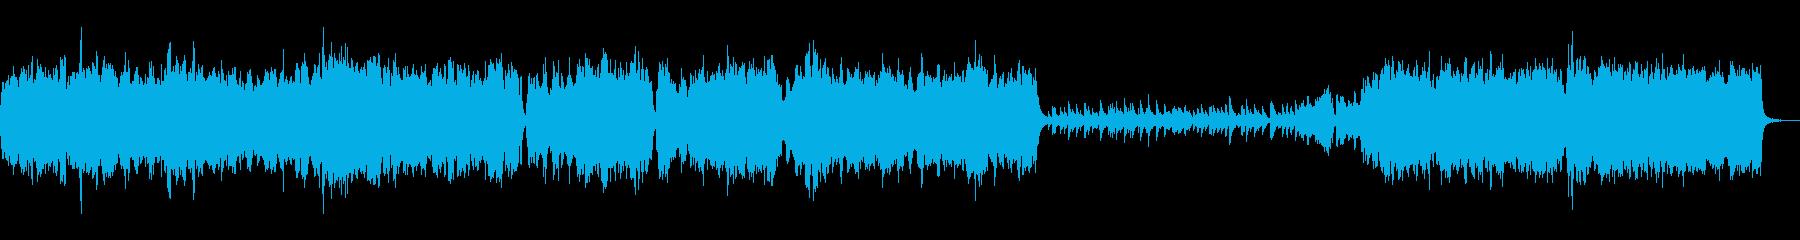 入場などに最適なバロック風クラシックの再生済みの波形